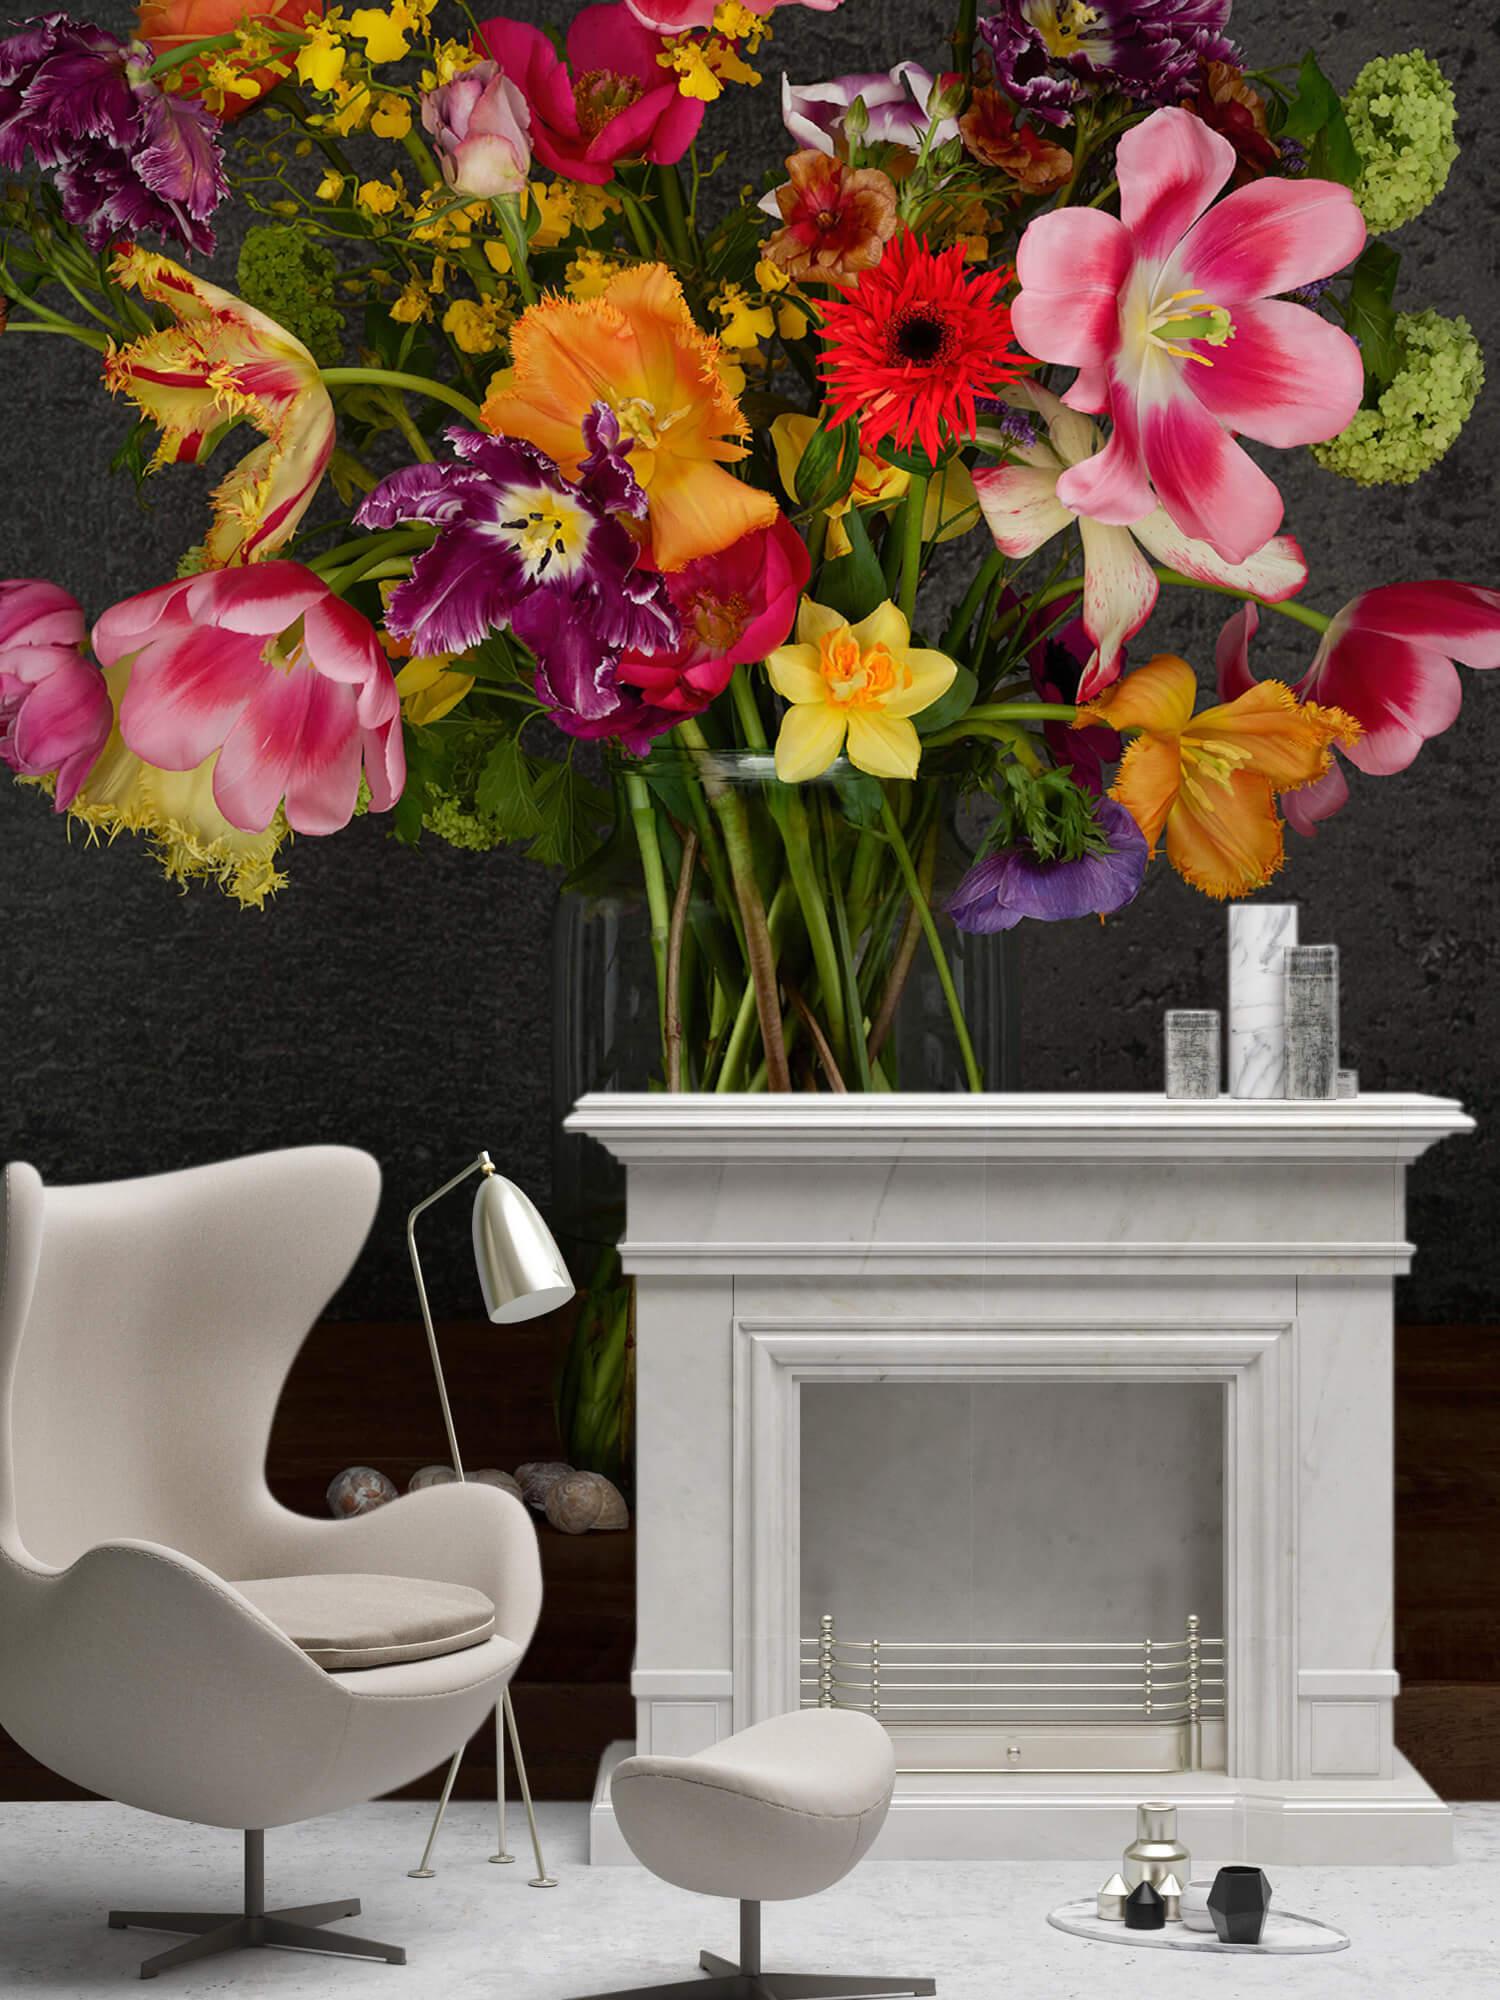 Flowers W04534 6